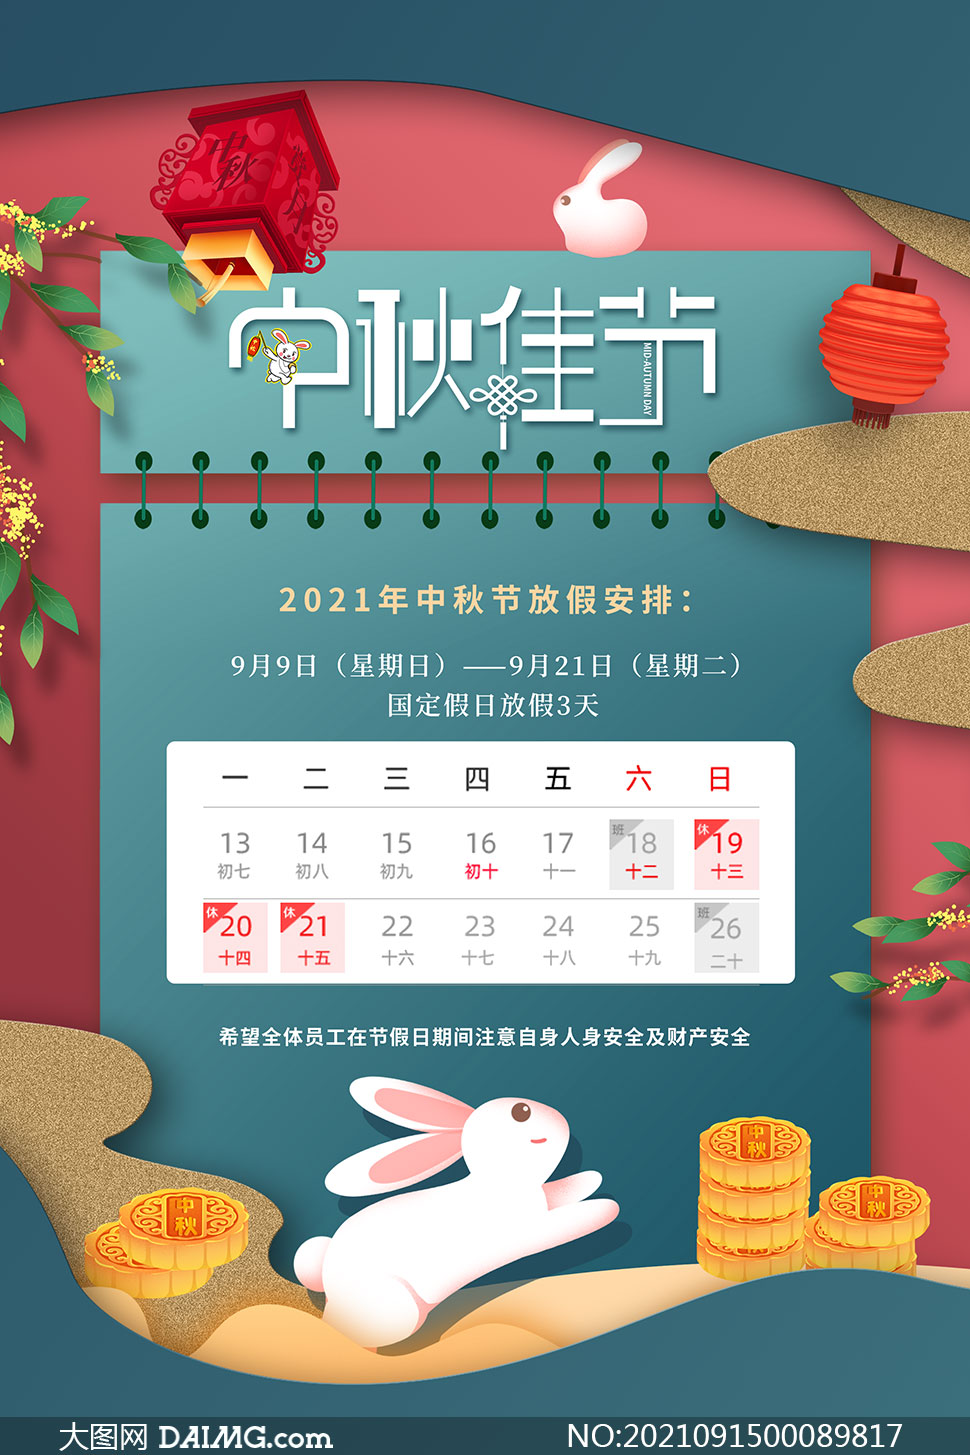 2021年中秋节插画风格放假通知海报设计